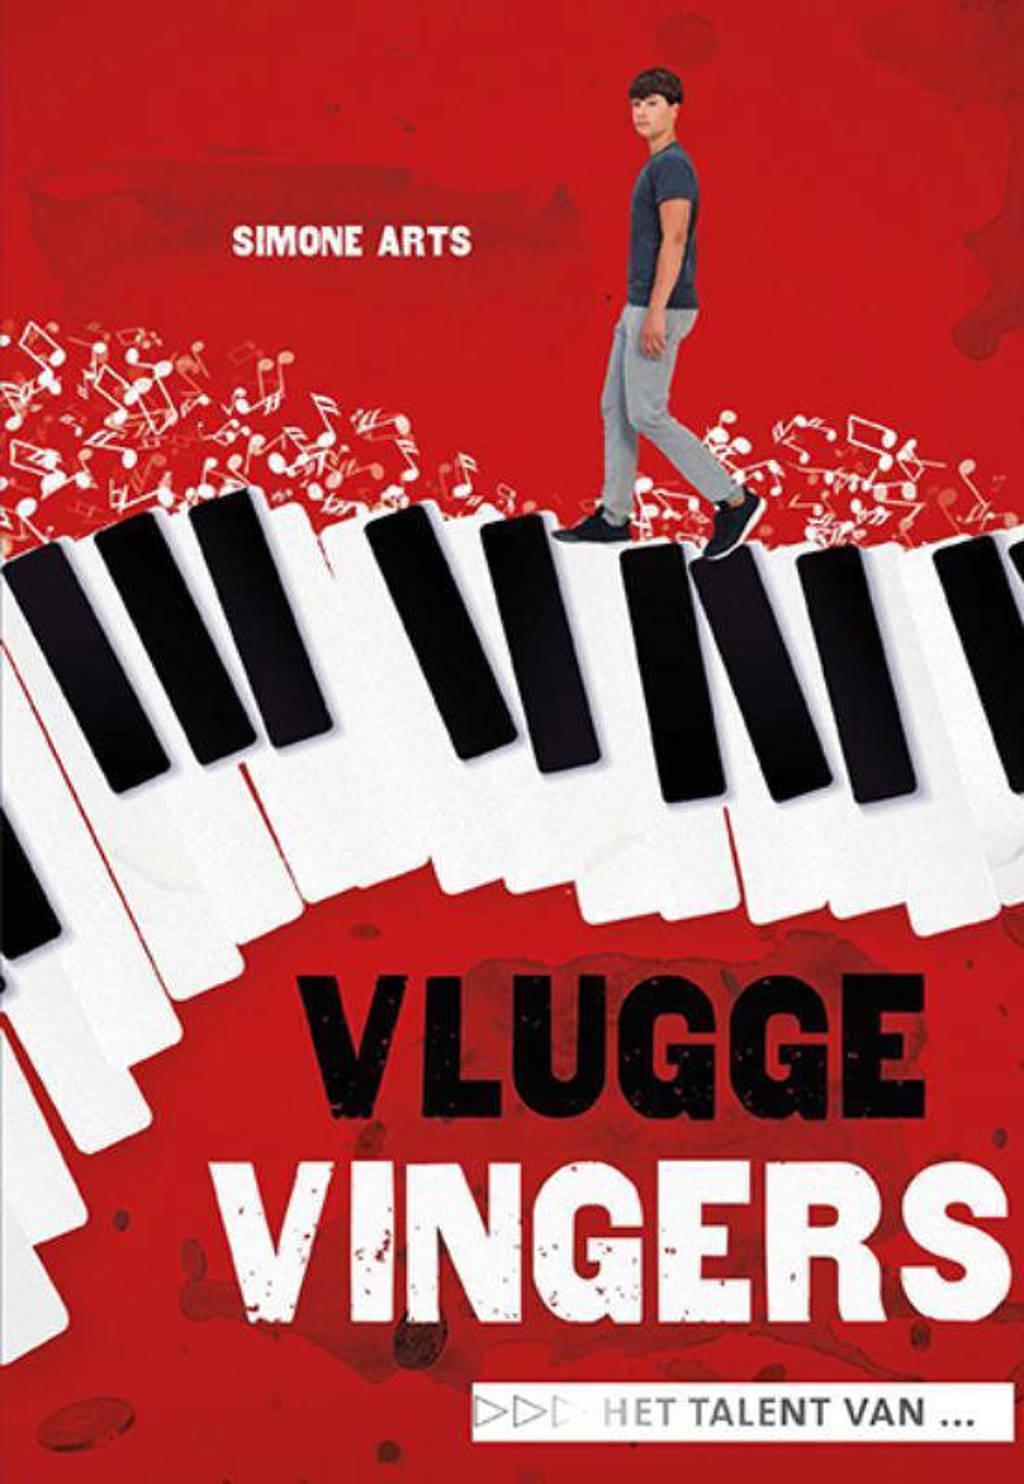 Het talent van ...: Vlugge vingers - Simone Arts